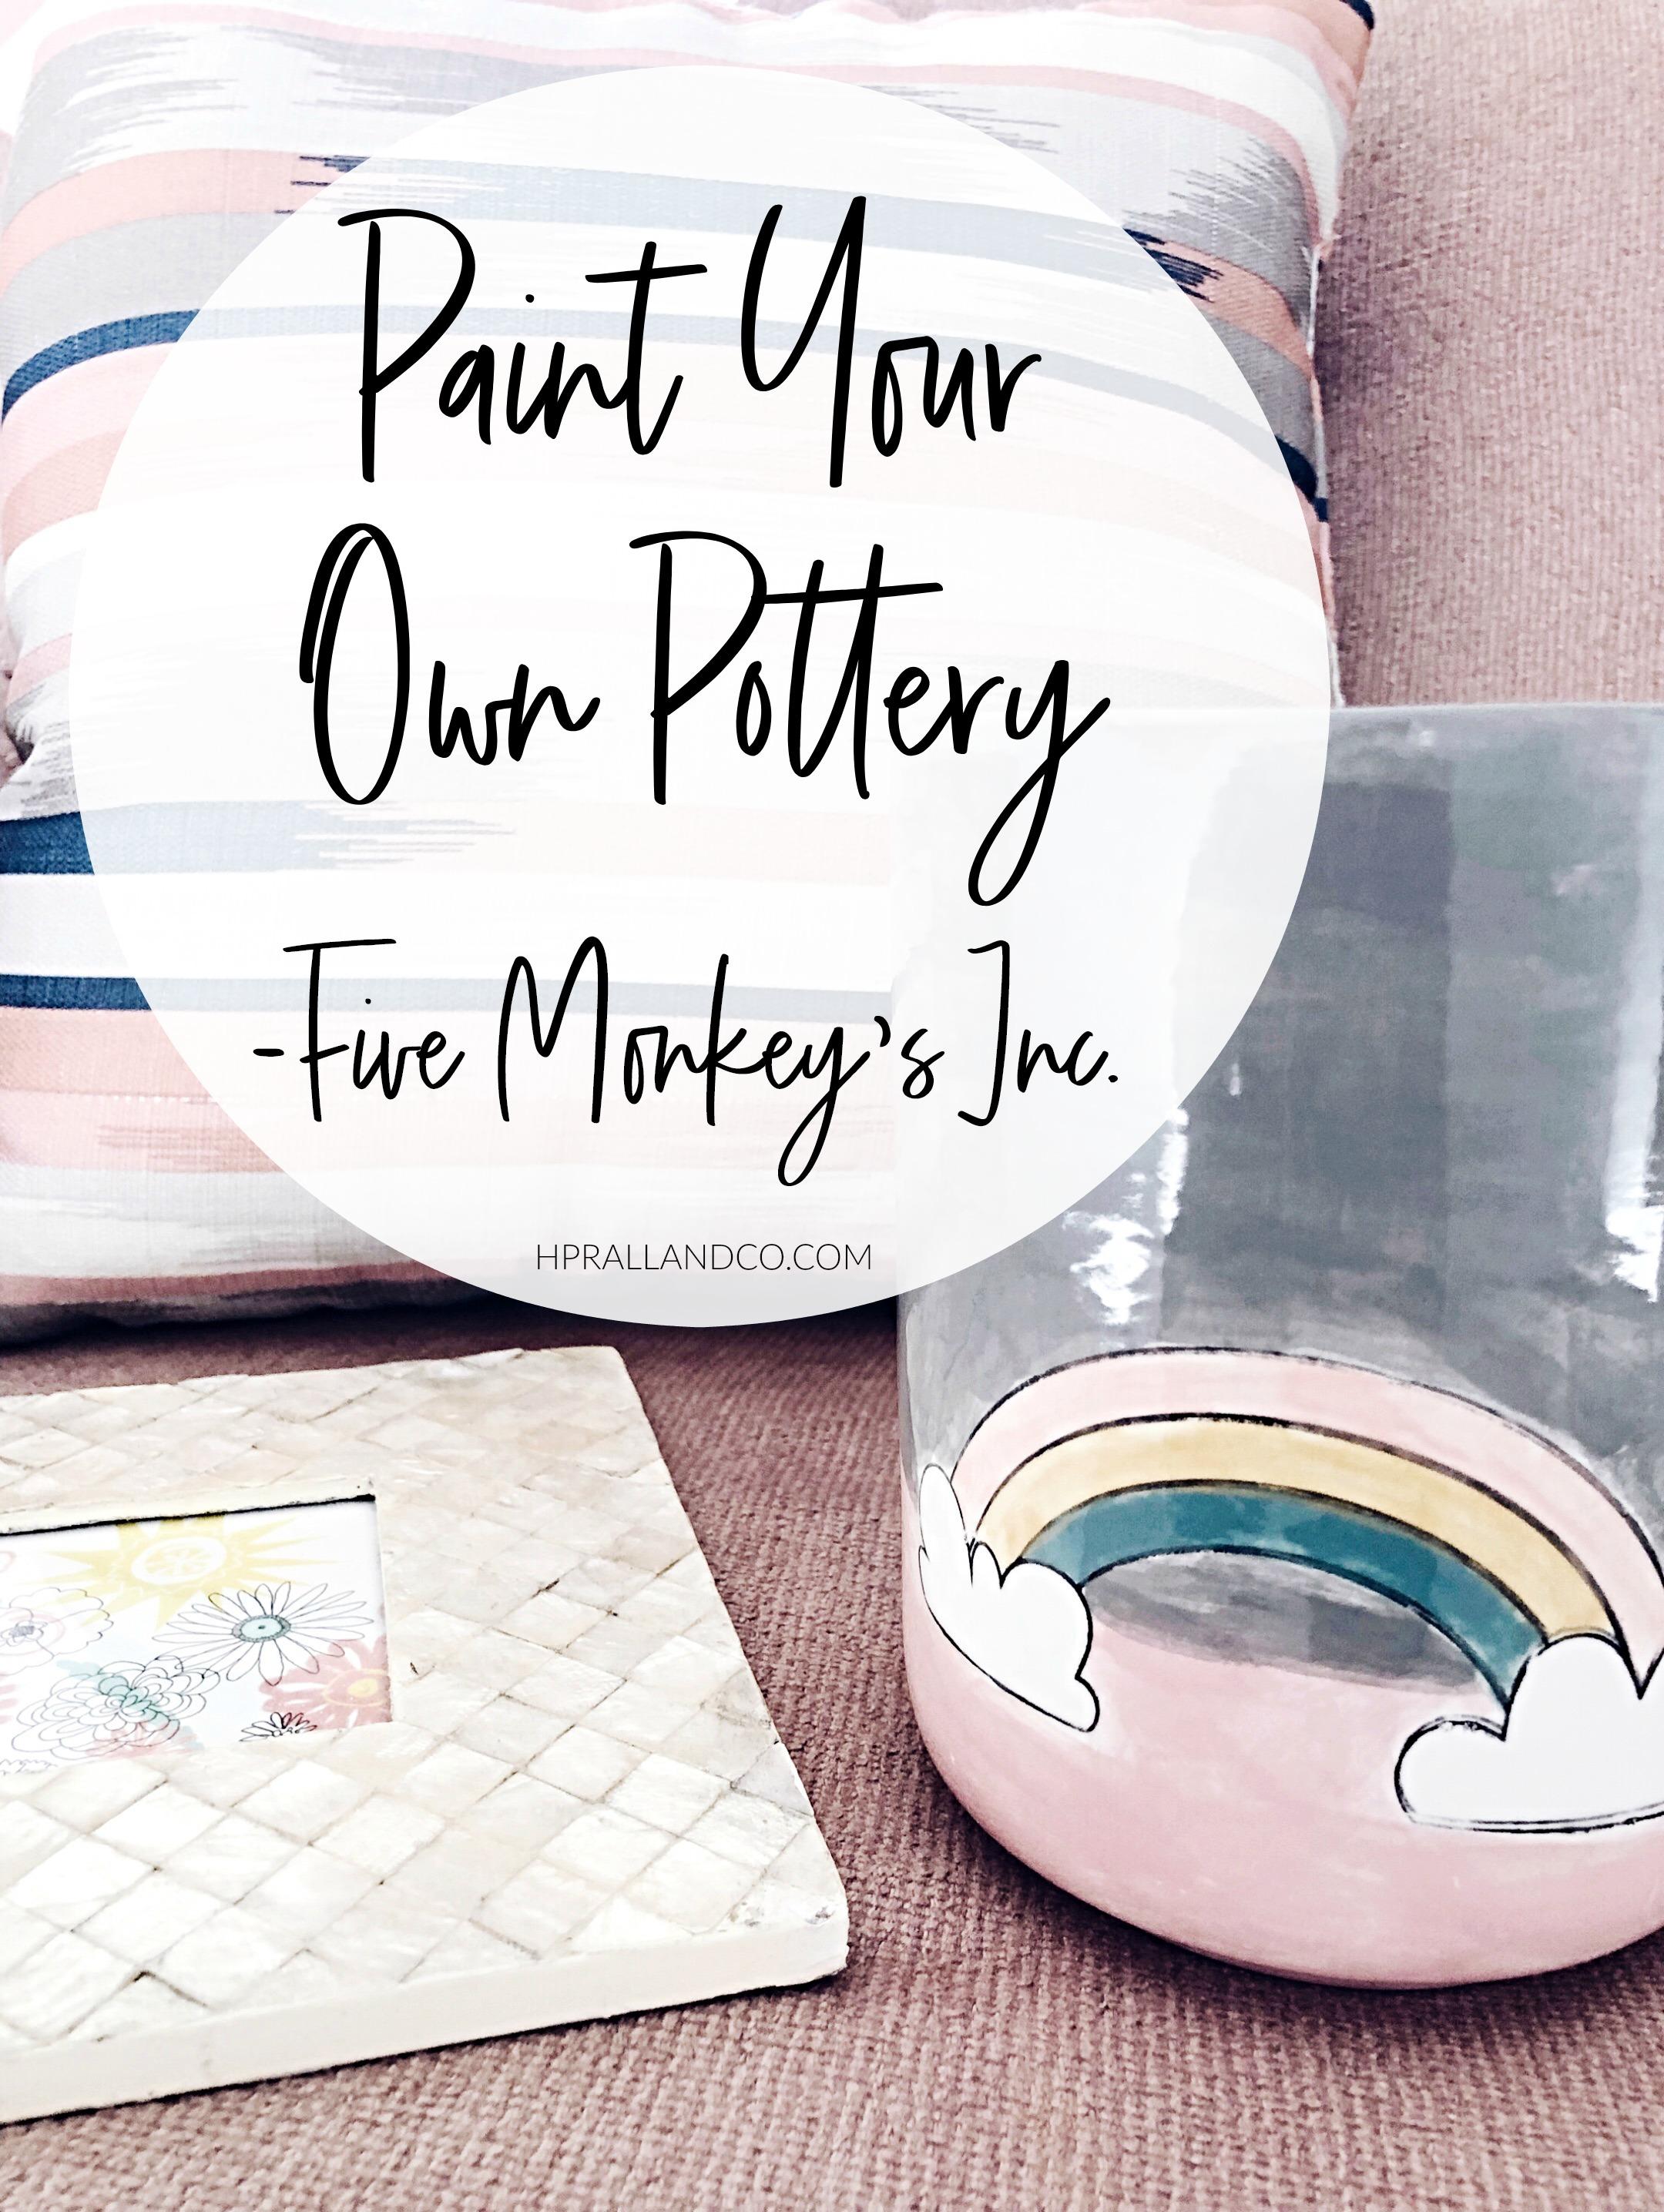 Paint Your Own Pottery-Five Monkeys Inc. Des Moines, IA | hprallandco.com